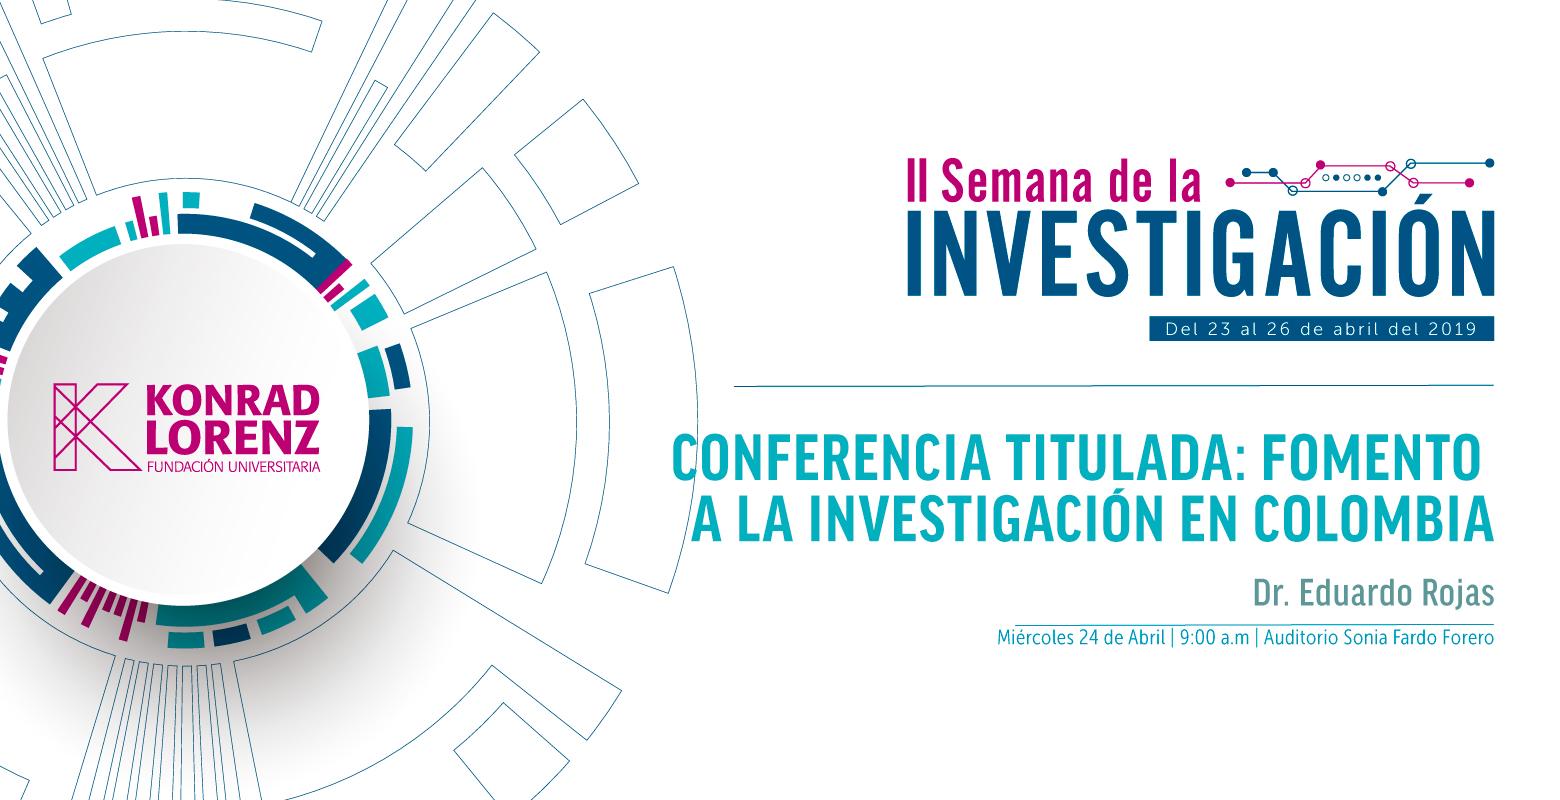 Fomento a la investigación en Colombia